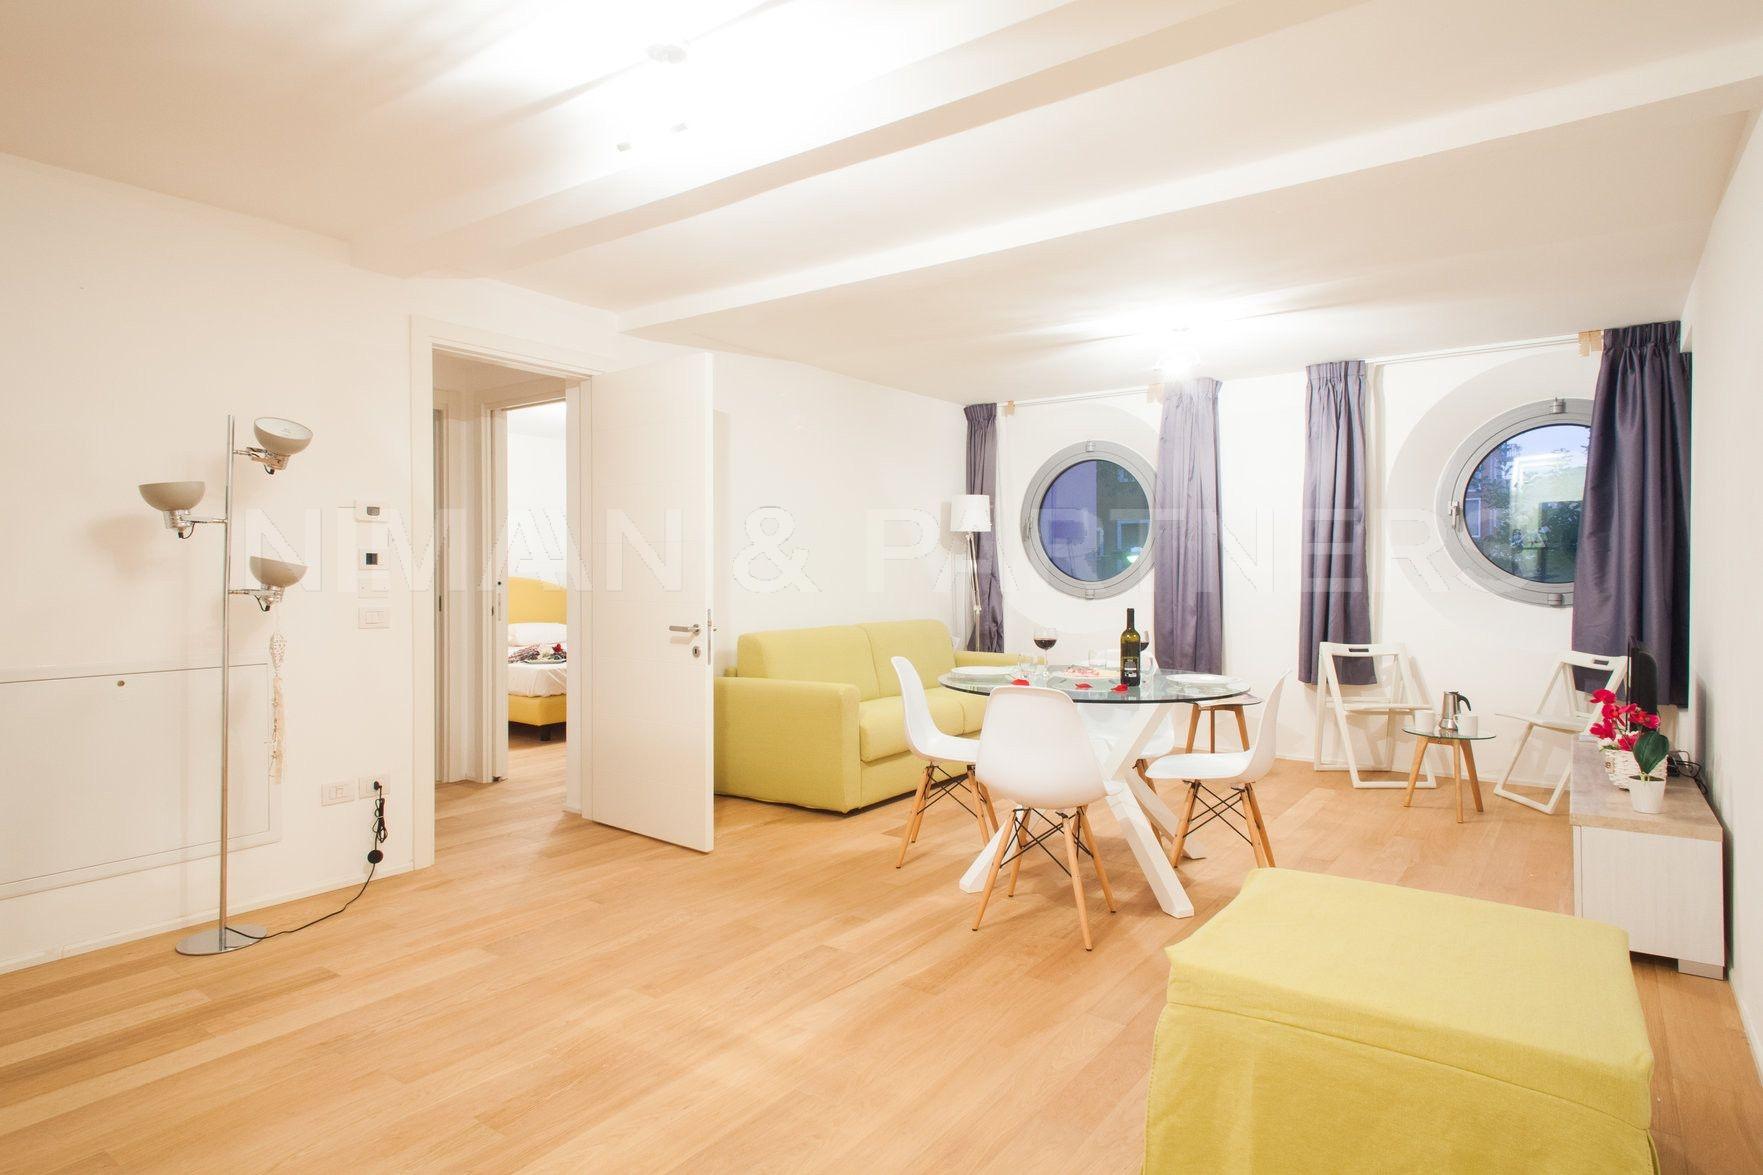 Appartamento in vendita a Venezia, 2 locali, zona Zona: 3 . Cannaregio, prezzo € 430.000 | CambioCasa.it